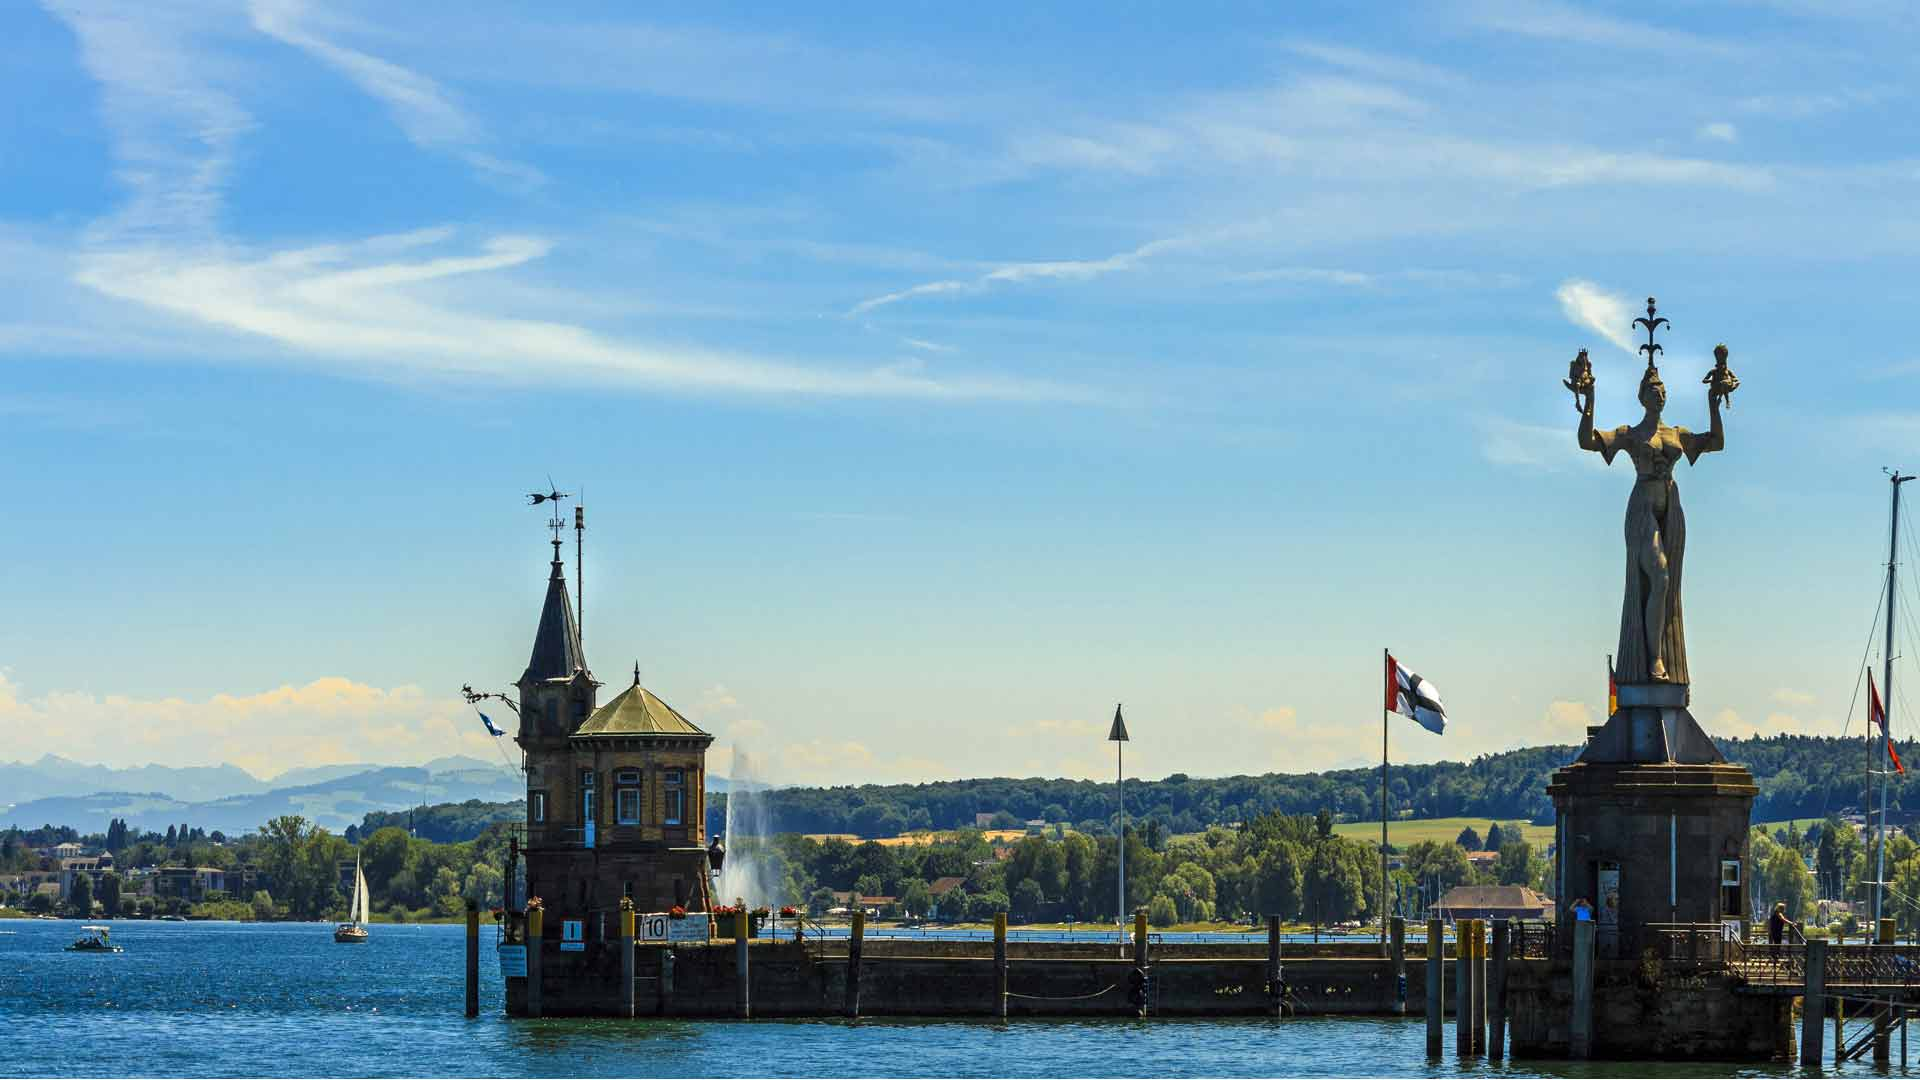 De haven van Konstanz aan de Bodensee.